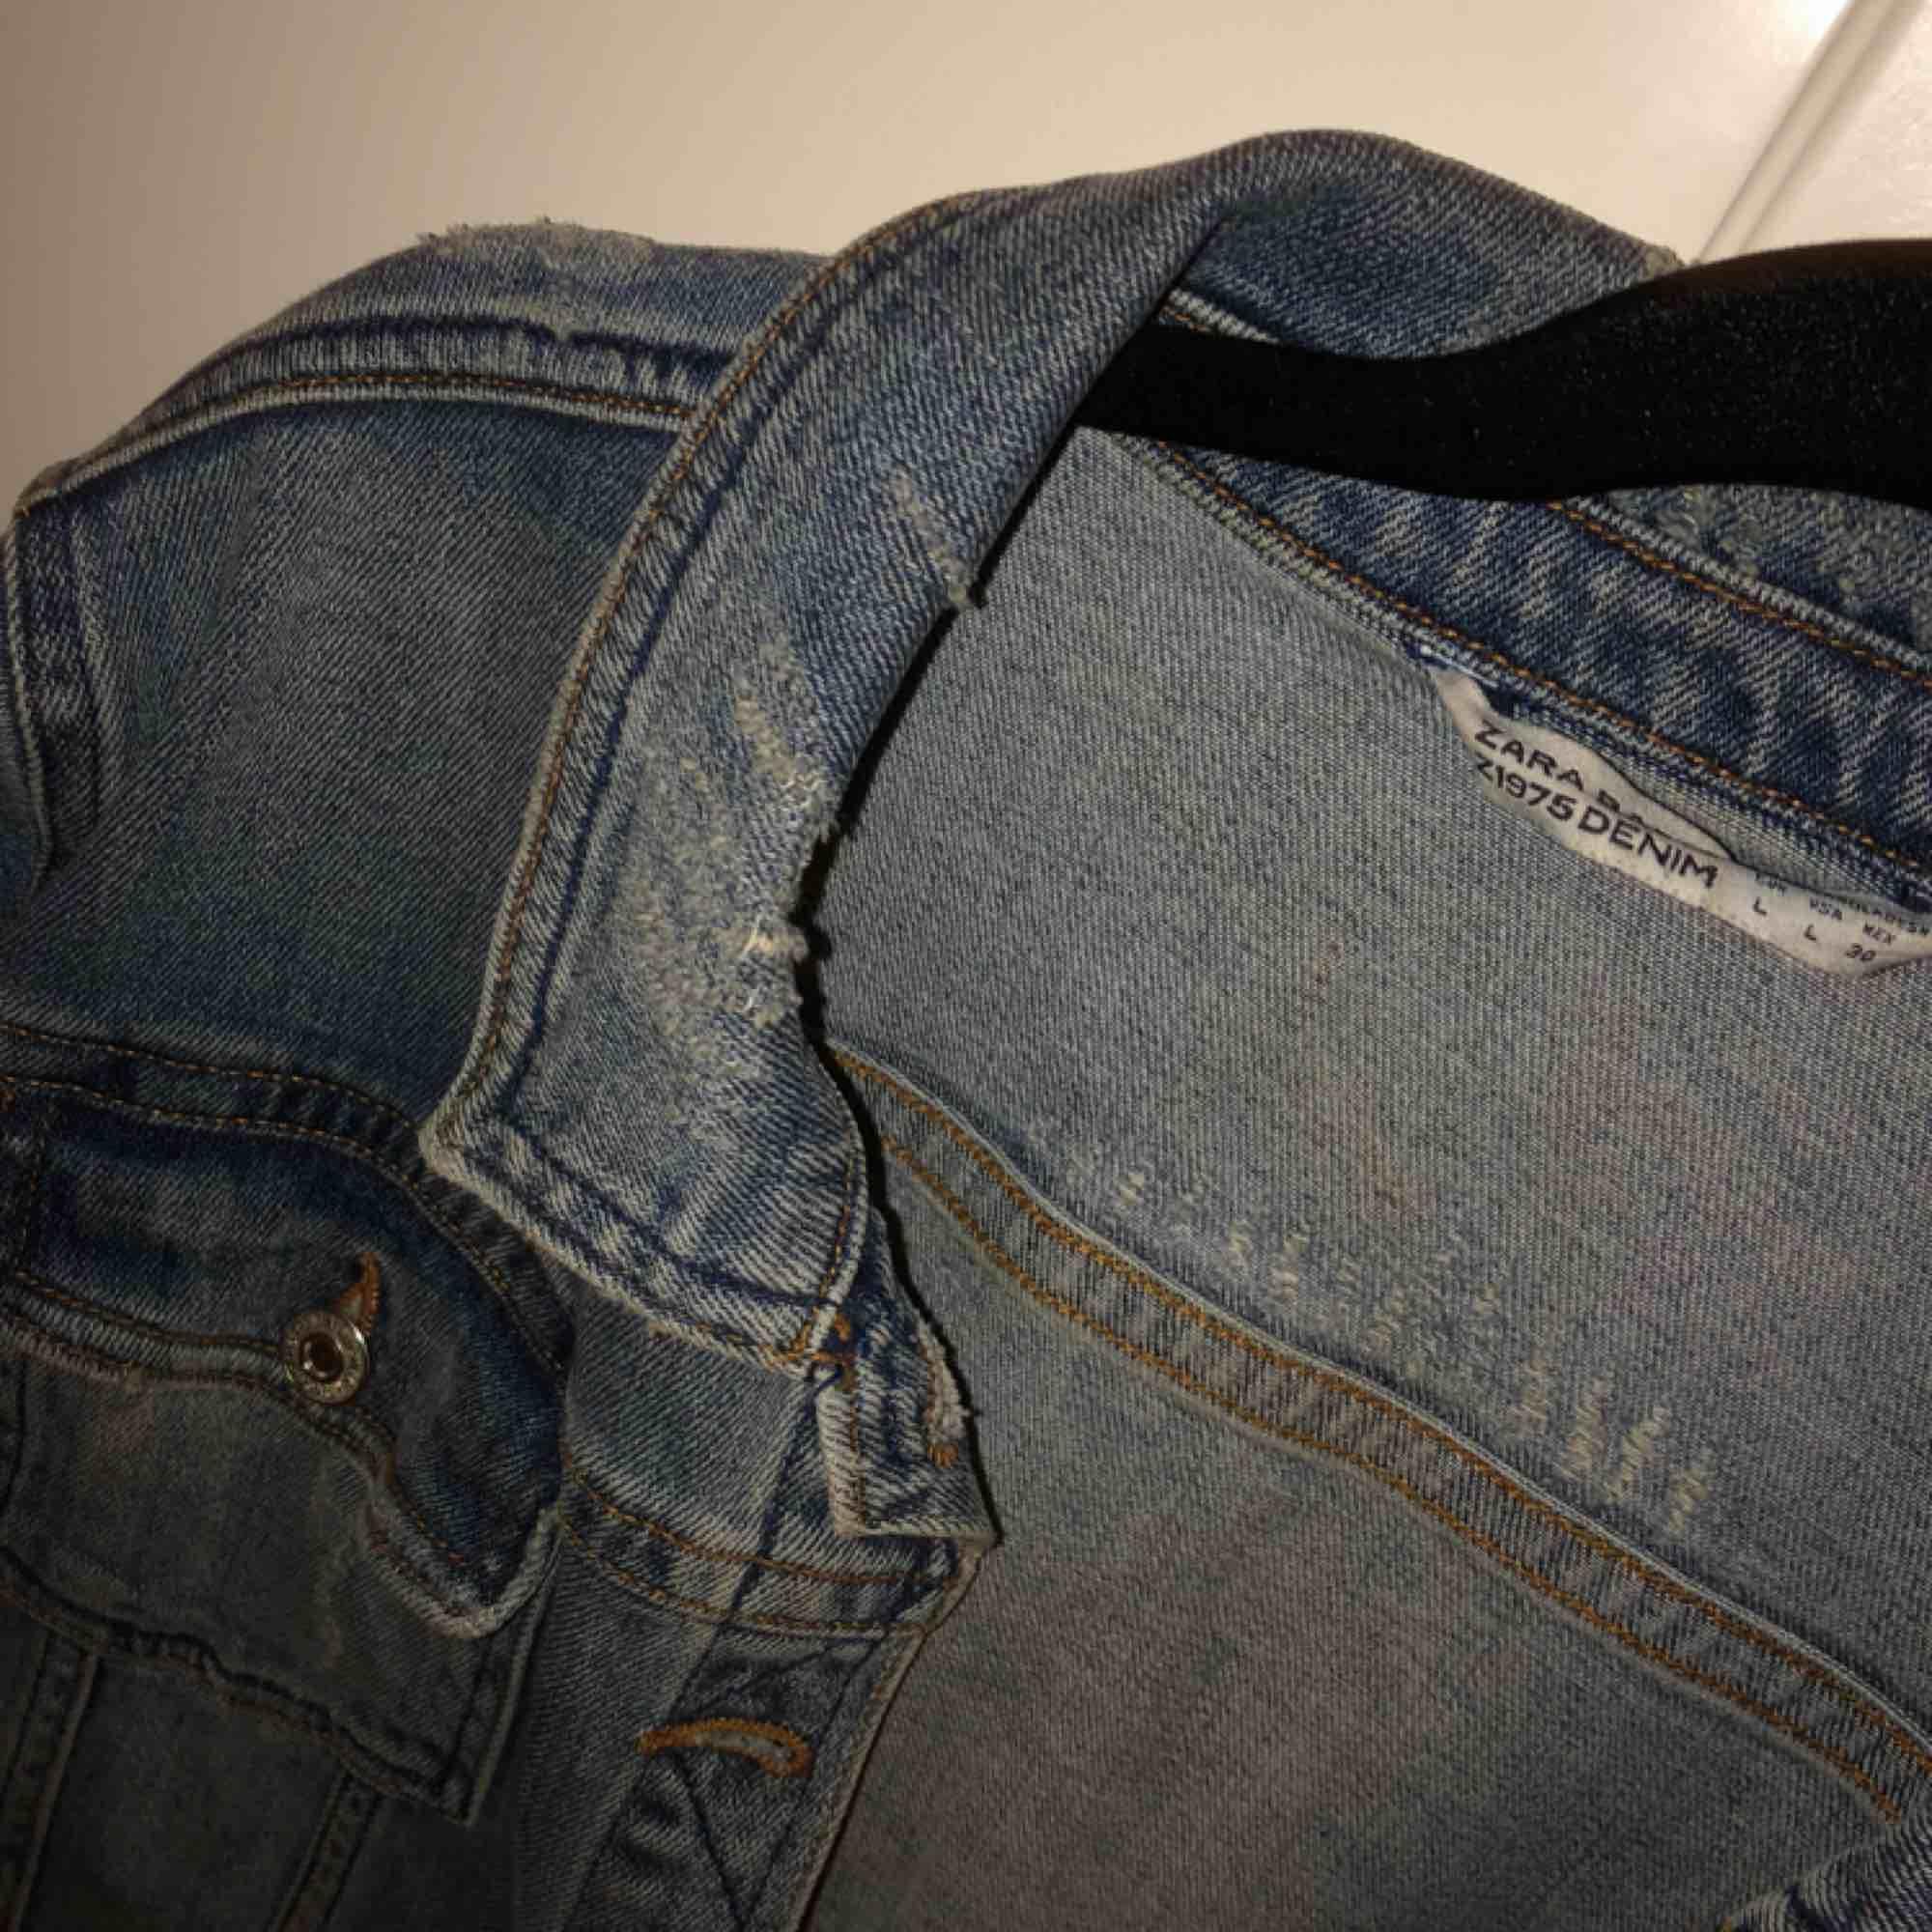 Skit snygg jeans jacka från Zara i bra skick perfekt nu inför våren , köparen står för frakten hmu🤗. Jackor.